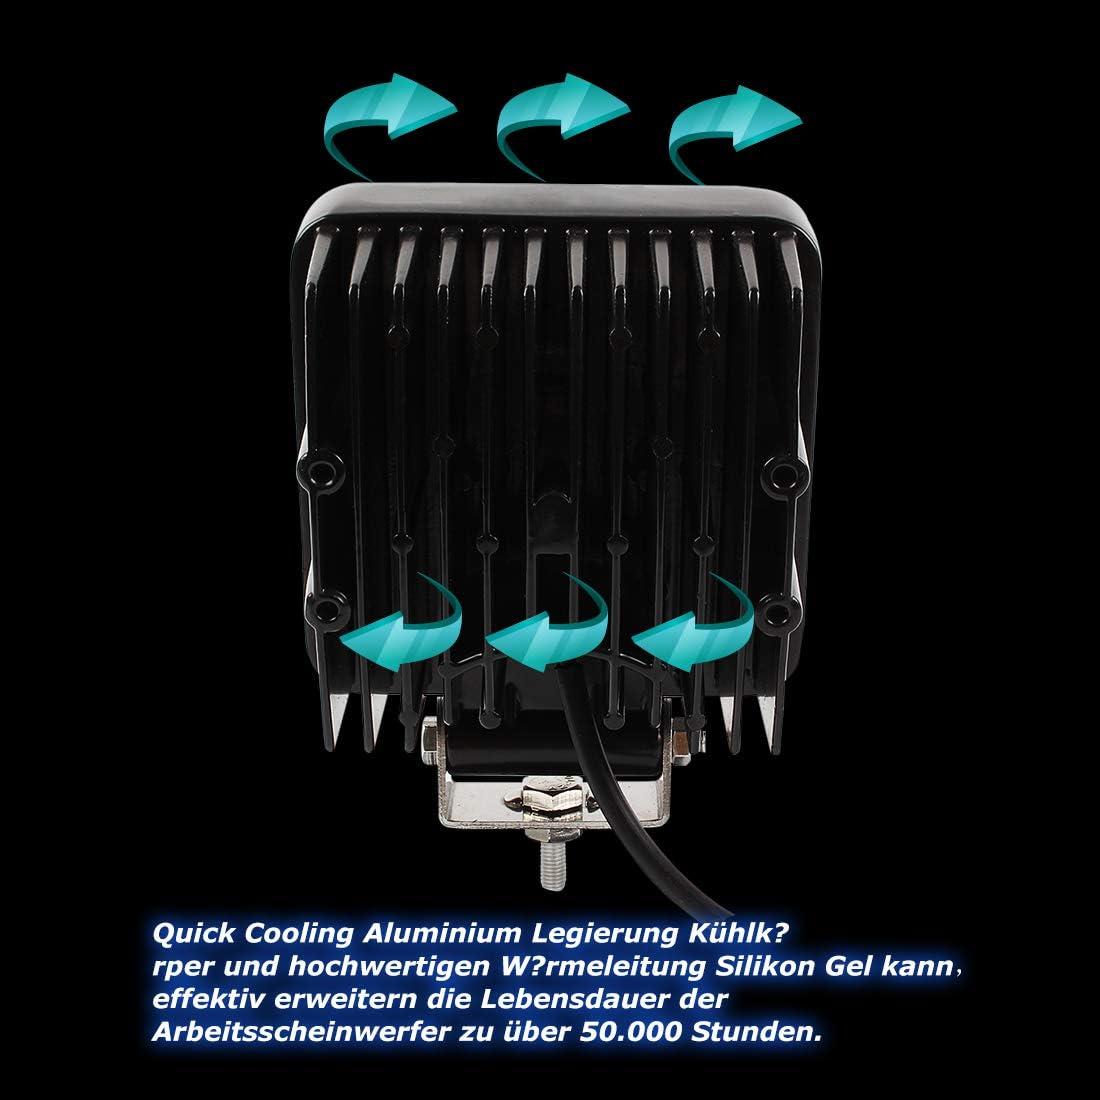 Miracle Led 48w Arbeitsscheinwerfer Arbeitsleuchte 3800lm 6000k 67ip Traktor Bagger Nebelscheinwerfer 4 Stück Beleuchtung